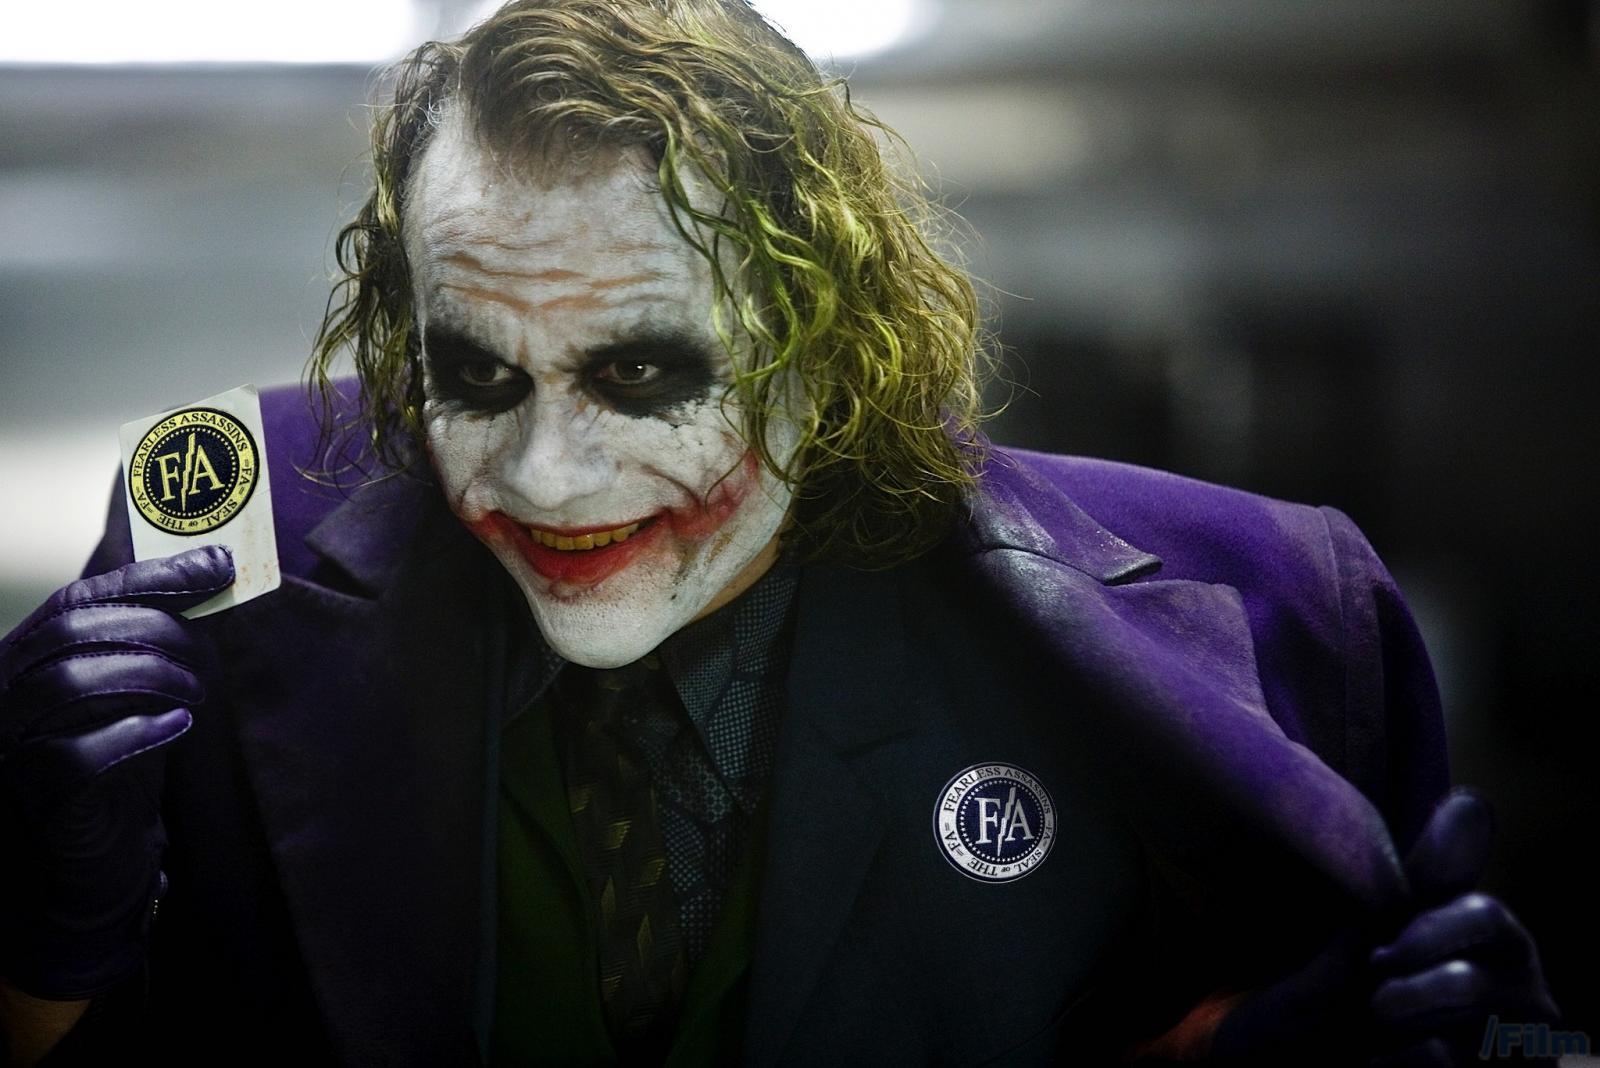 Joker love F|A